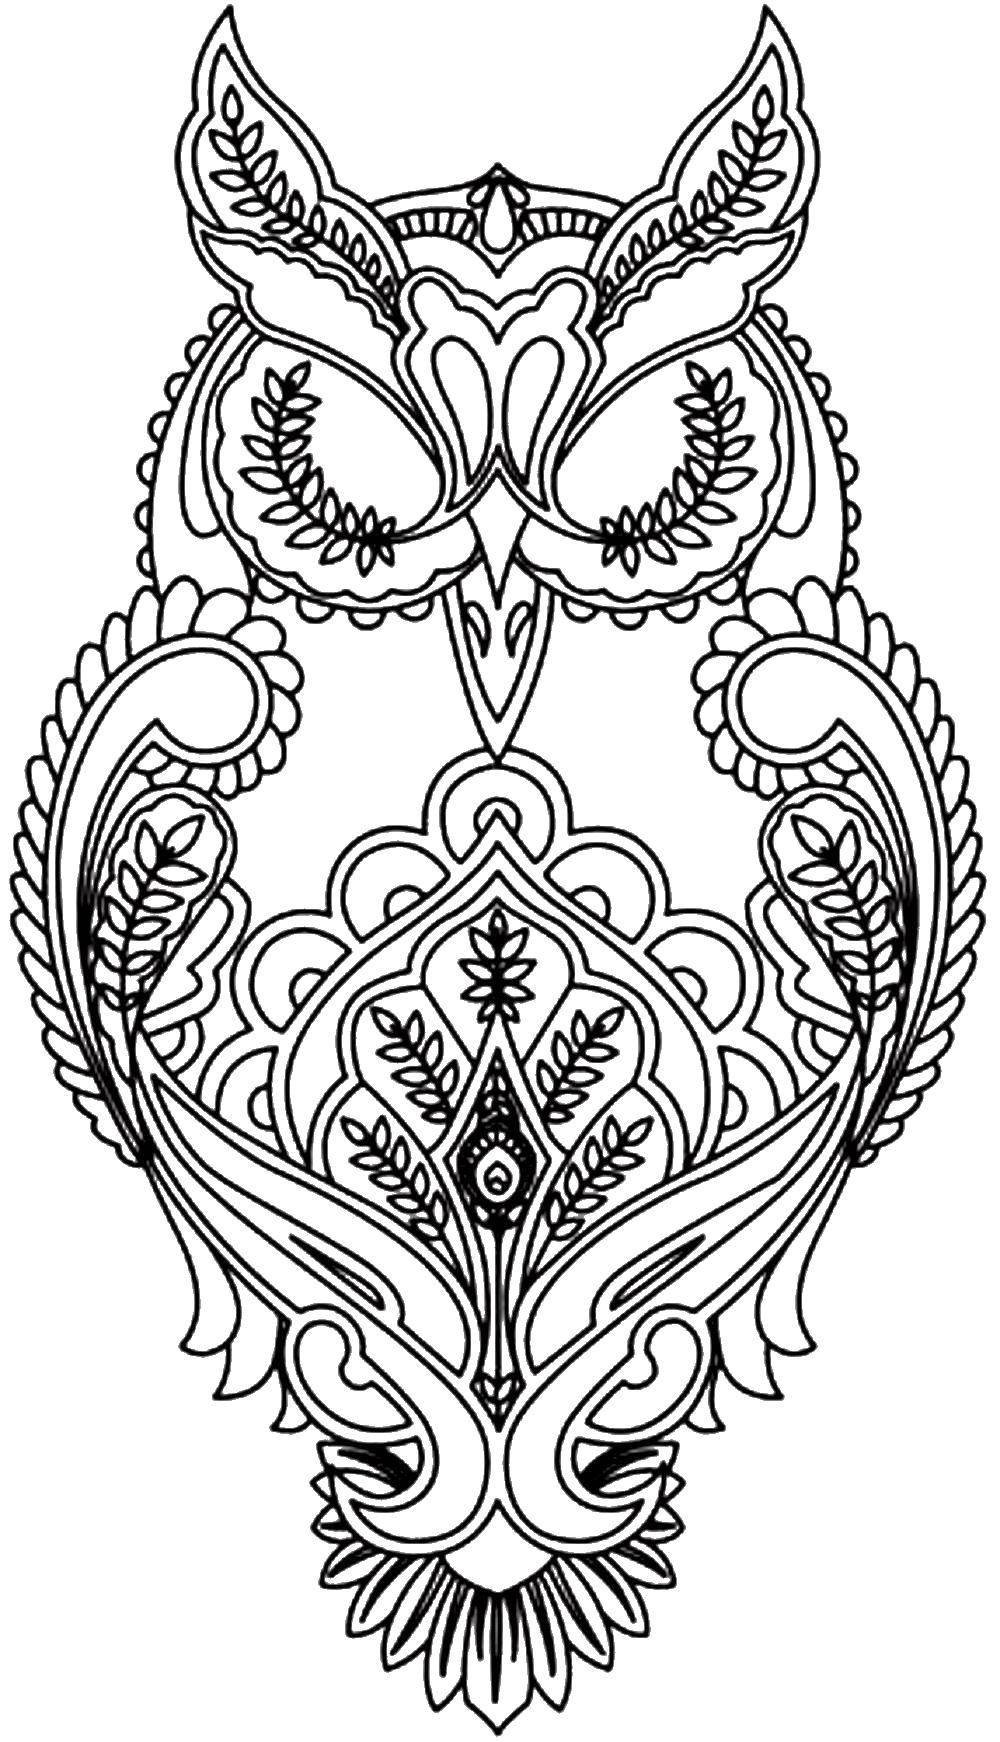 Раскраска Узорчатая сова Скачать птицы, совы, сова, узоры.  Распечатать ,птицы,